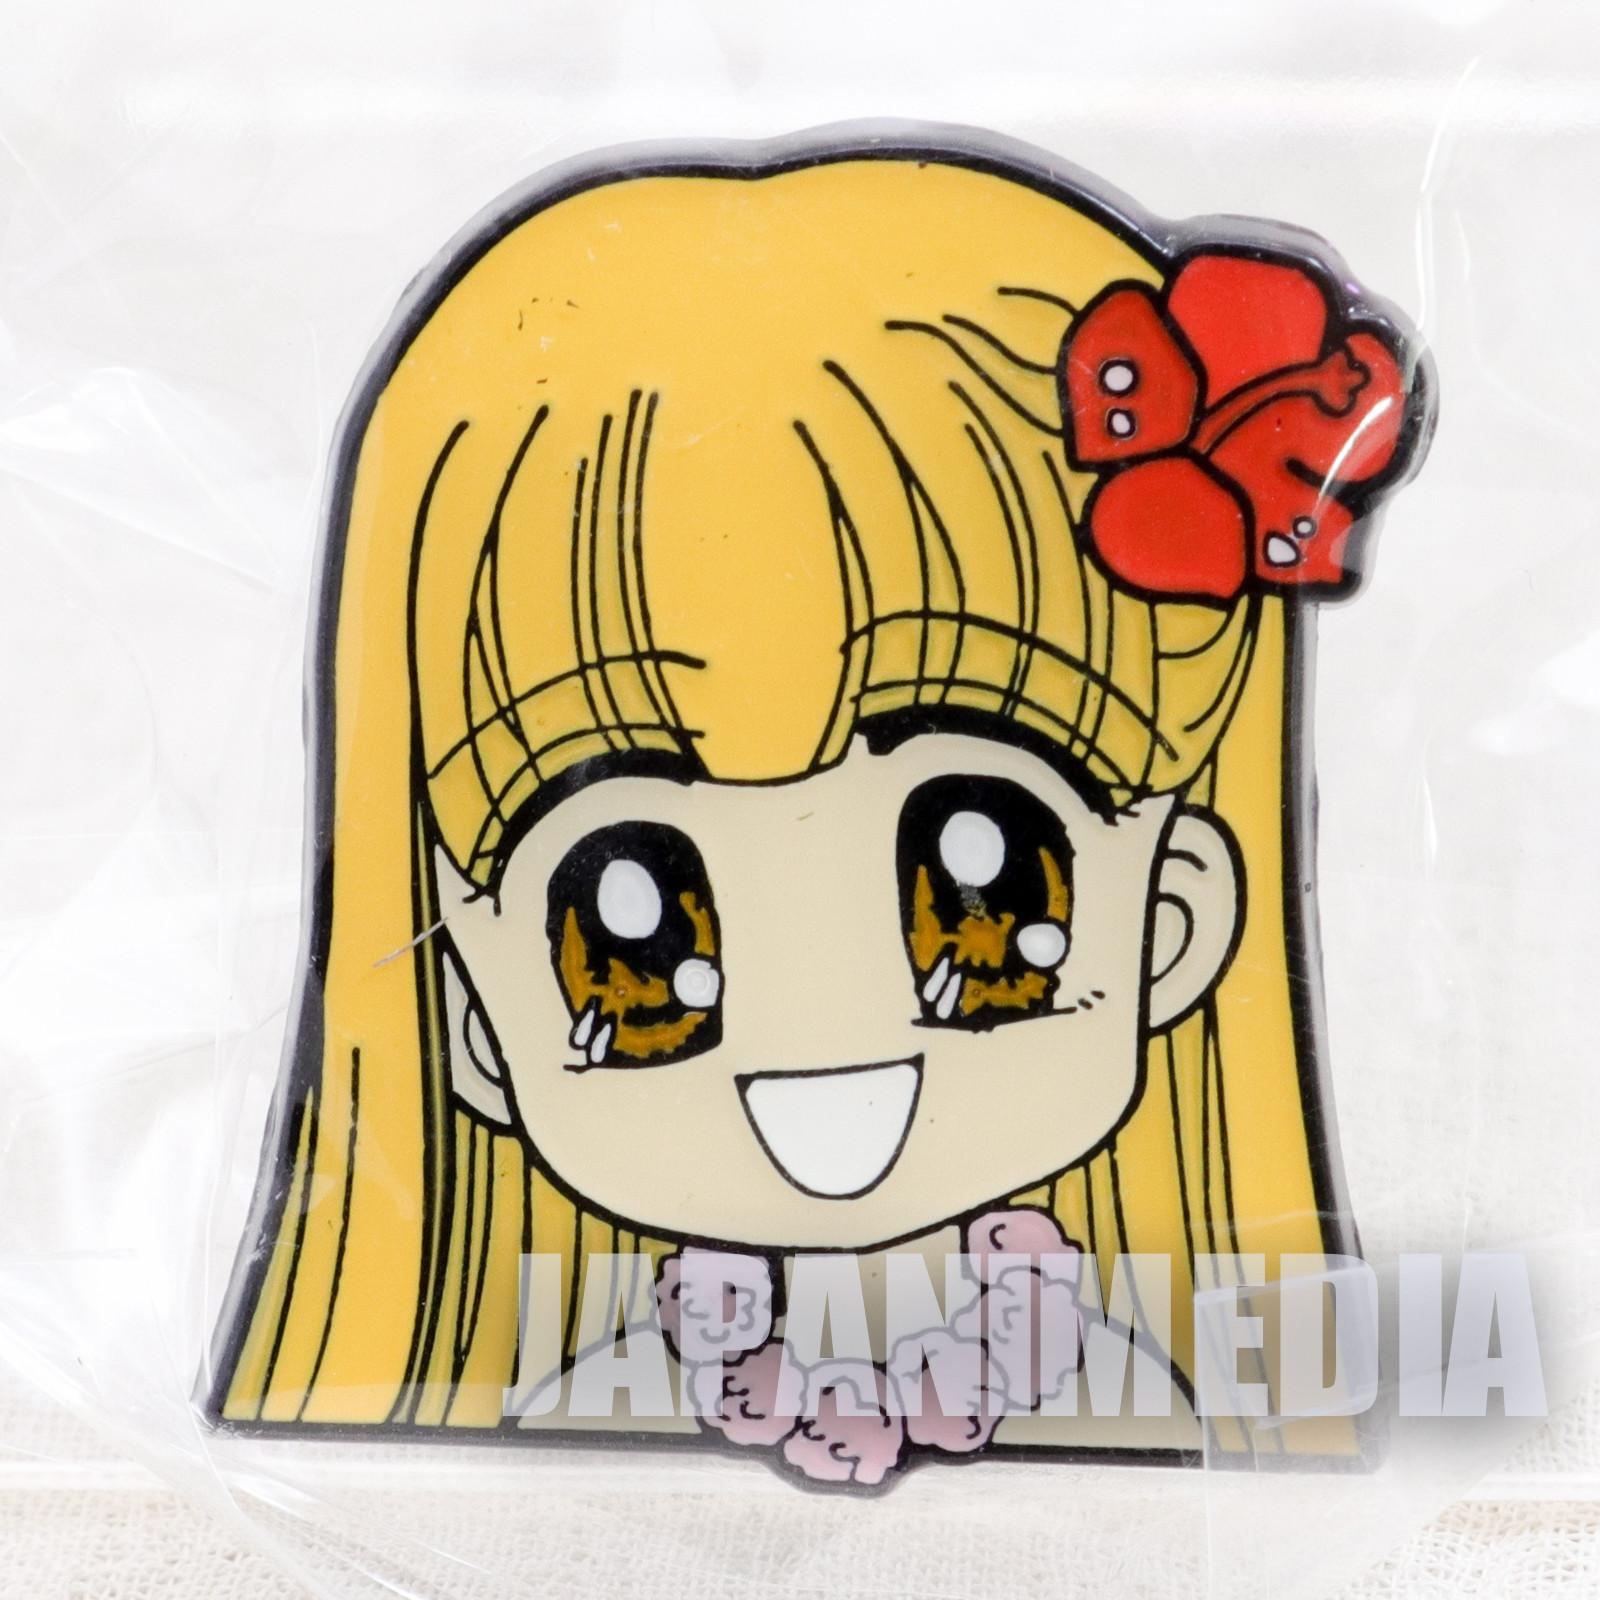 Baby Love Seara Arisugawa Special Exhibition Ribon 2019 Pins JAPAN MANGA